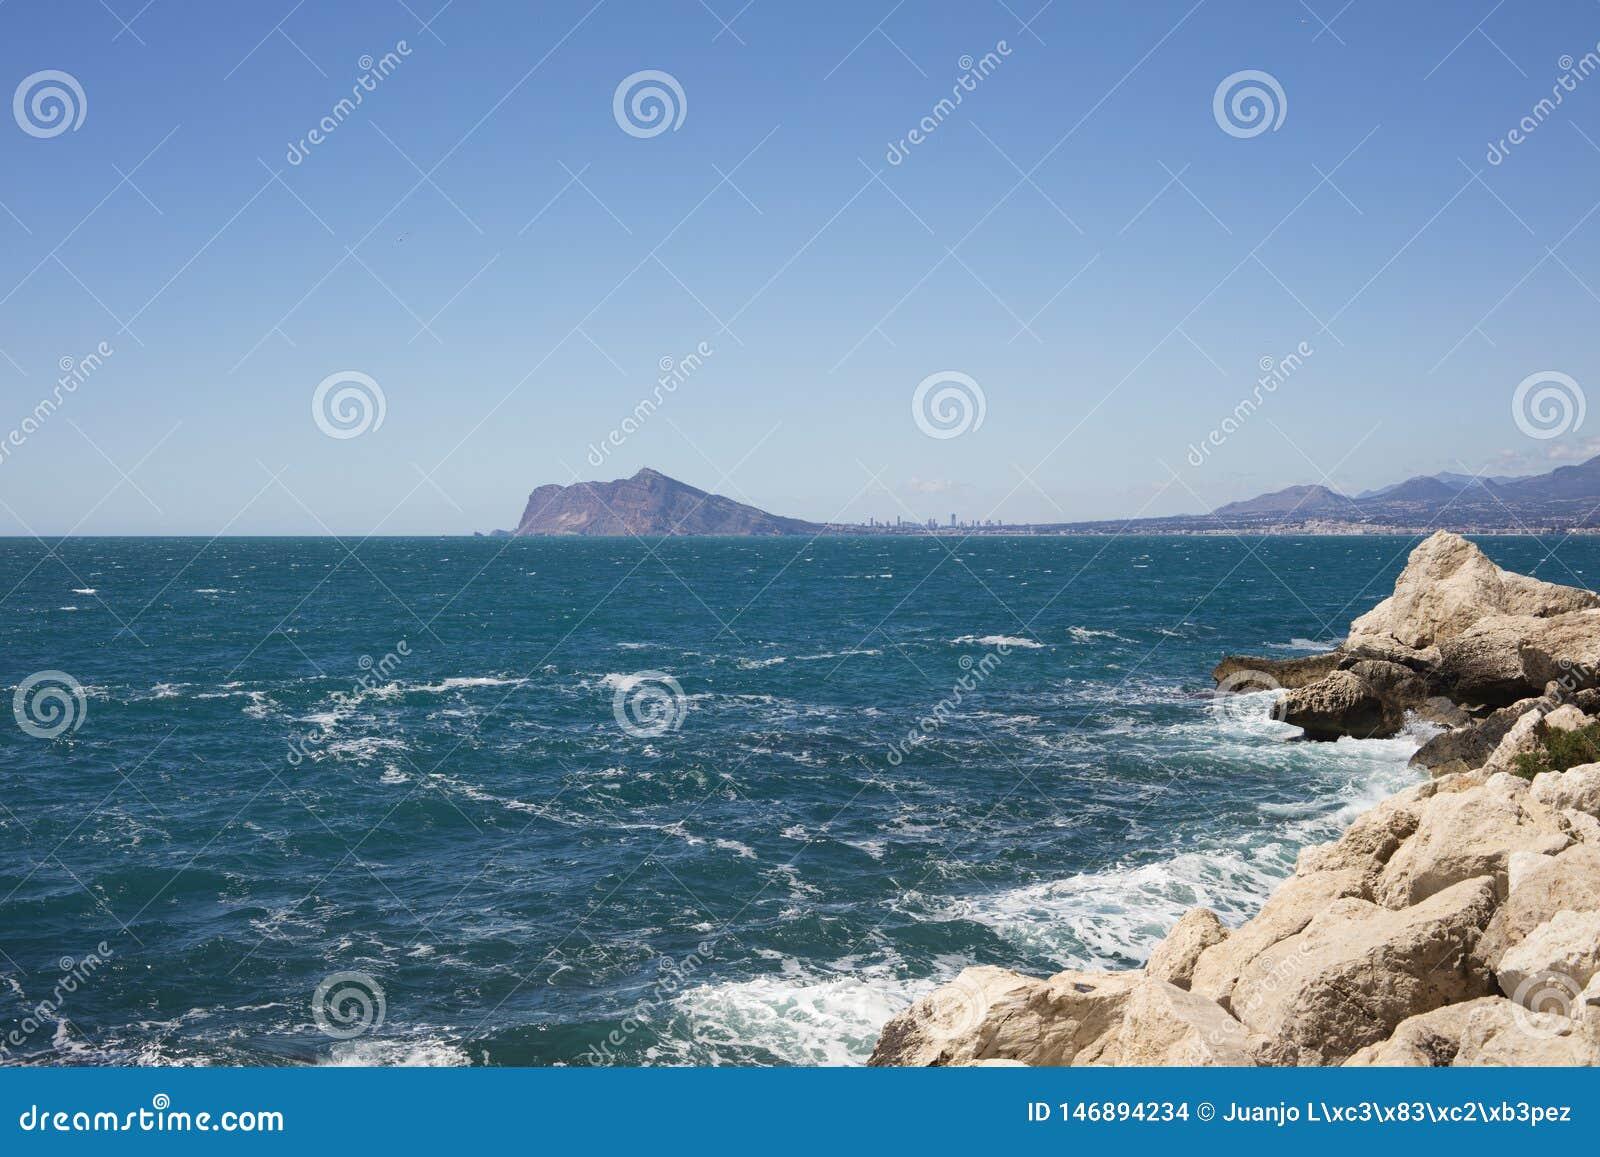 Λεπτομέρεια της παραλίας με την τυρκουάζ και μπλε θάλασσα με Altea και Benidorm στο υπόβαθρο